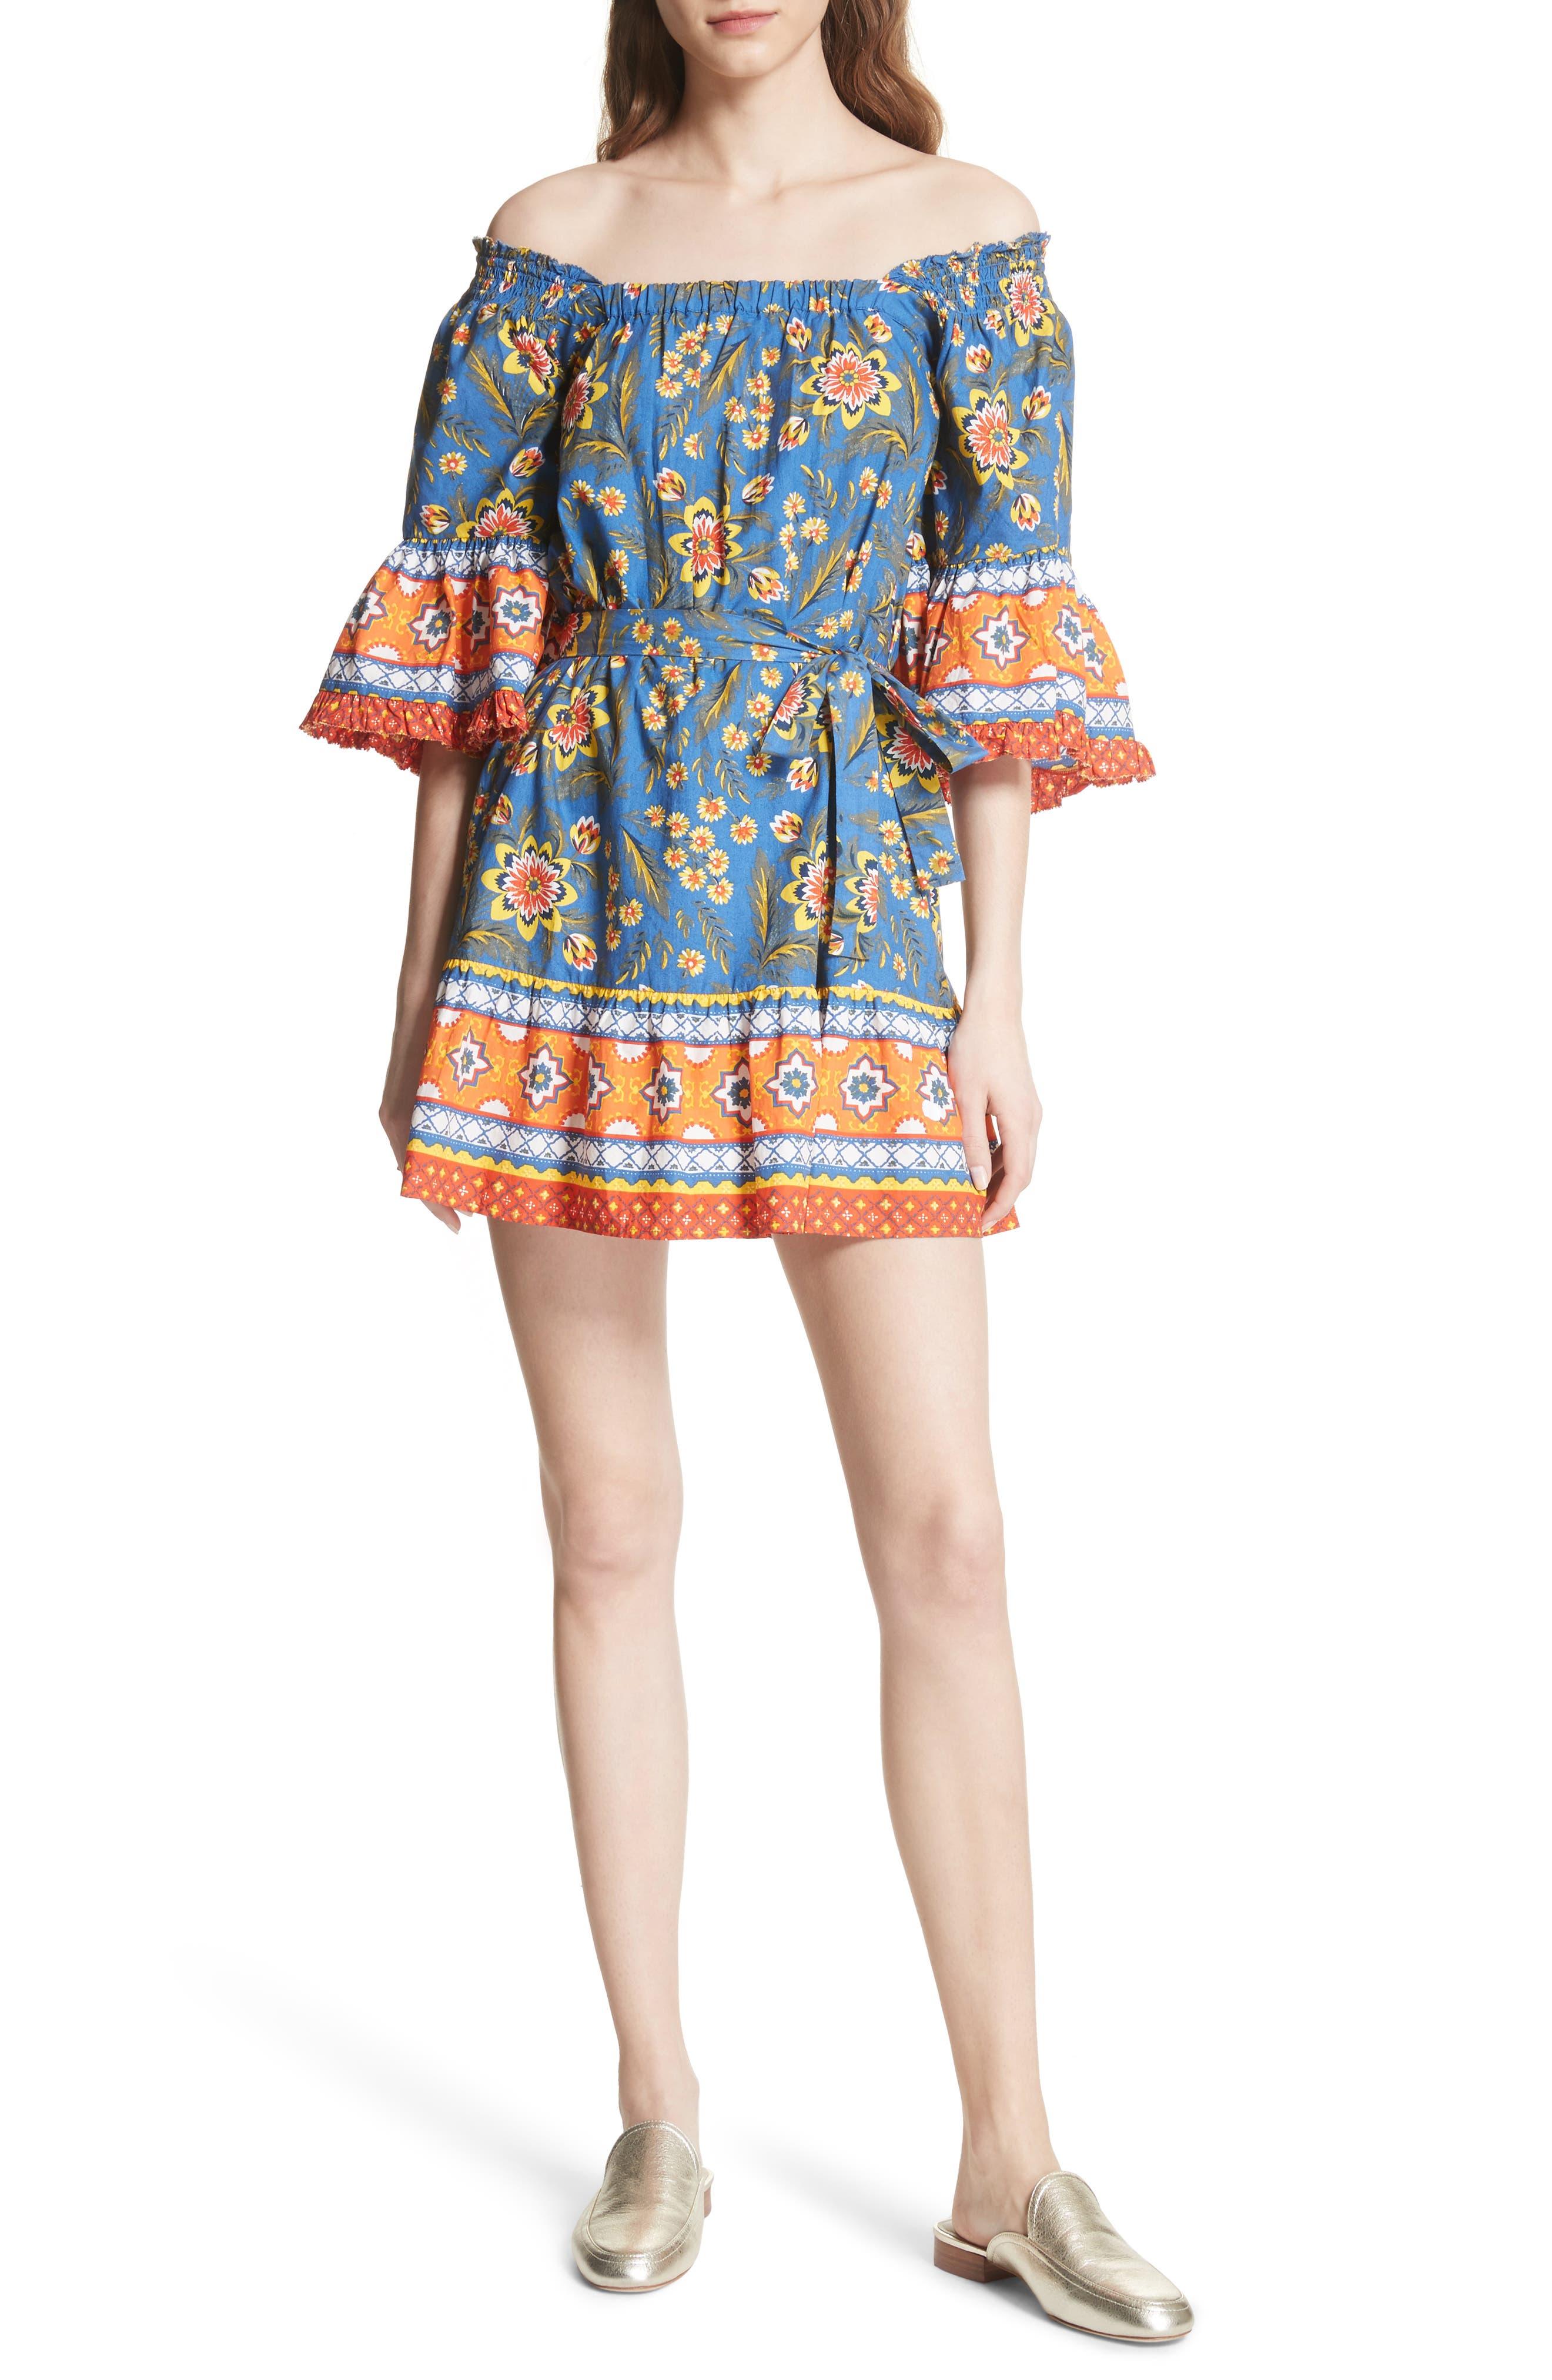 Chloris Off the Shoulder Cotton Dress,                             Main thumbnail 1, color,                             420